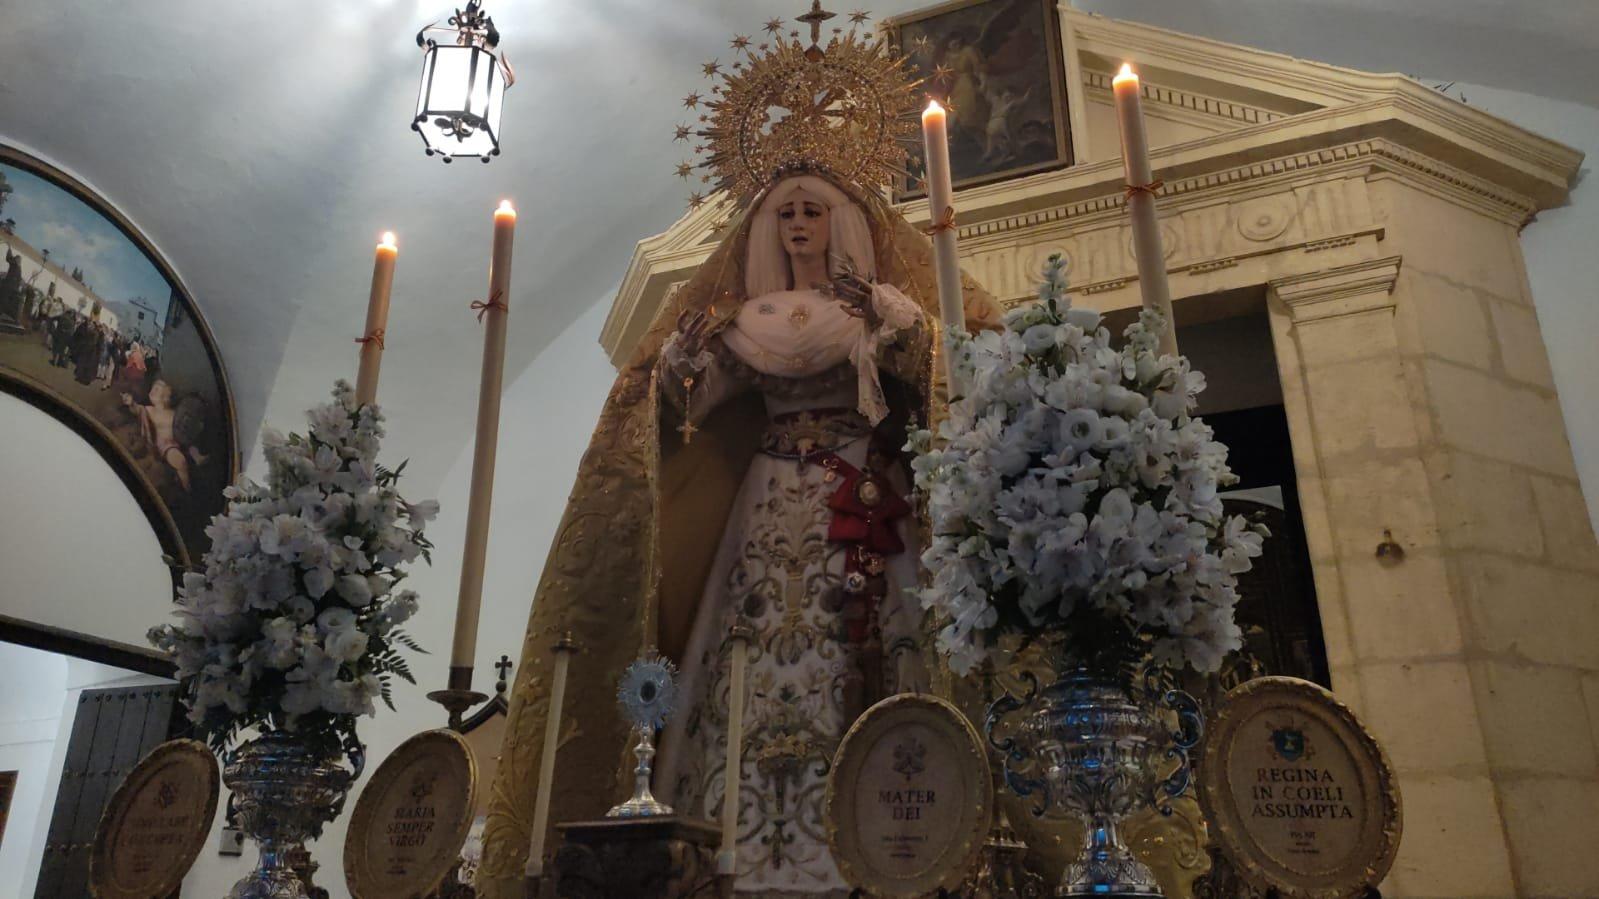 La Paz y Esperanza retoma el programa de actos de la coronación con un concierto y una misa presidida por la Virgen, en la plaza de Capuchinos